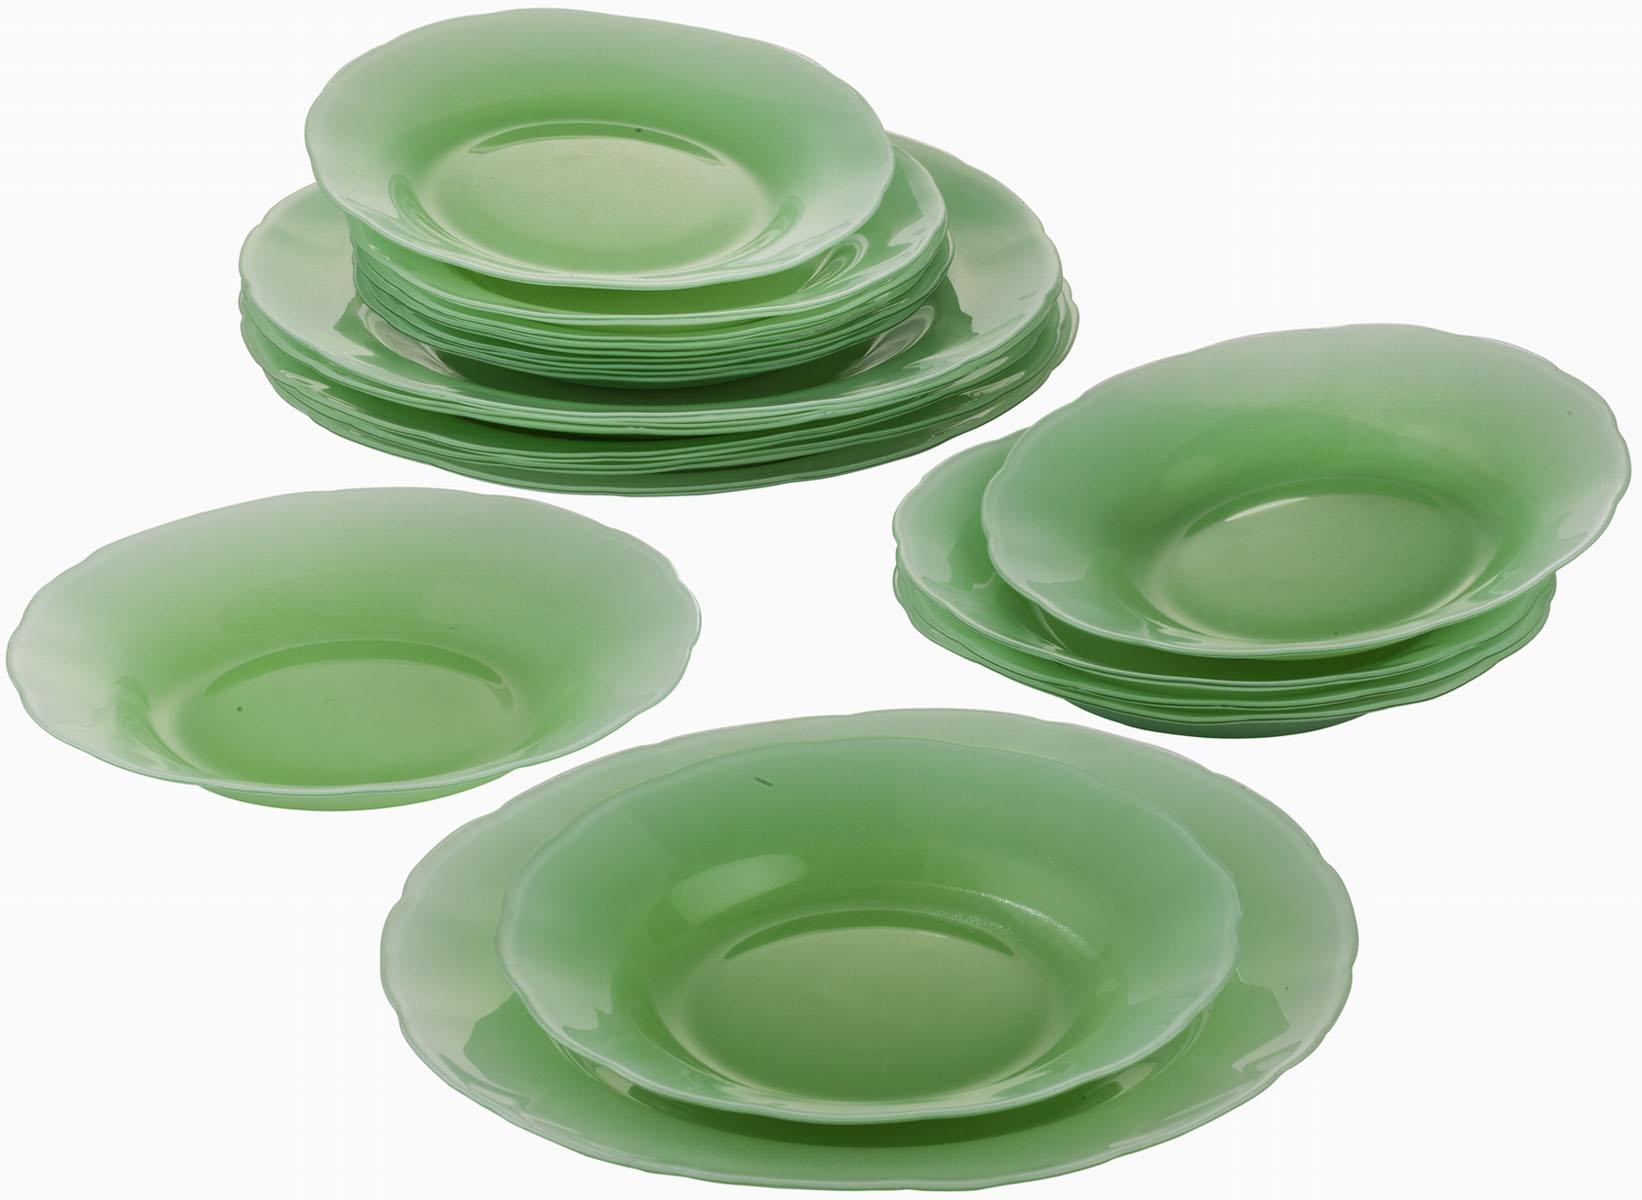 Сервиз обеденный Bekker Koch, 18 предметов, цвет: зеленый. BK-9904VT-1520(SR)Обеденный сервиз Bekker Koch, изготовленный из высококачественного стекла, состоит из 6 суповых тарелок, 6 обеденных тарелок и 6 десертных тарелок. Такой сервиз придется по вкусу любителям классики, и тем, кто предпочитает утонченность и изысканность. Набор эффектно украсит стол к обеду, а также прекрасно подойдет для торжественных случаев.Не рекомендуется мыть в посудомоечной машине.